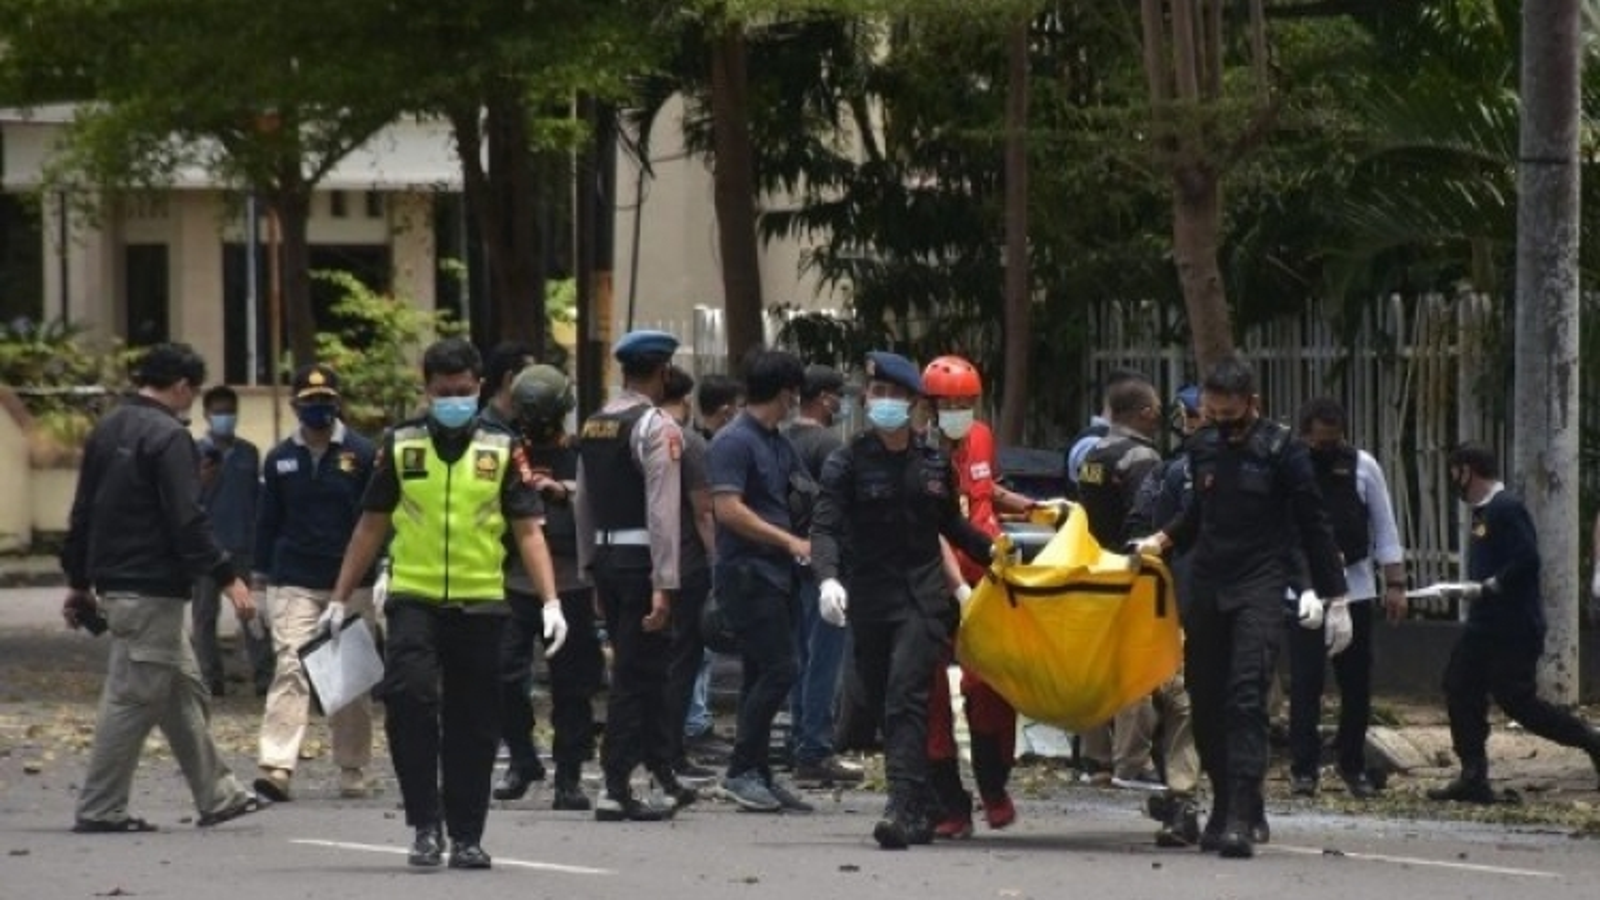 Thủ phạm đánh bom liều chết ở nhà thờ Công giáo Indonesia có liên hệ với IS